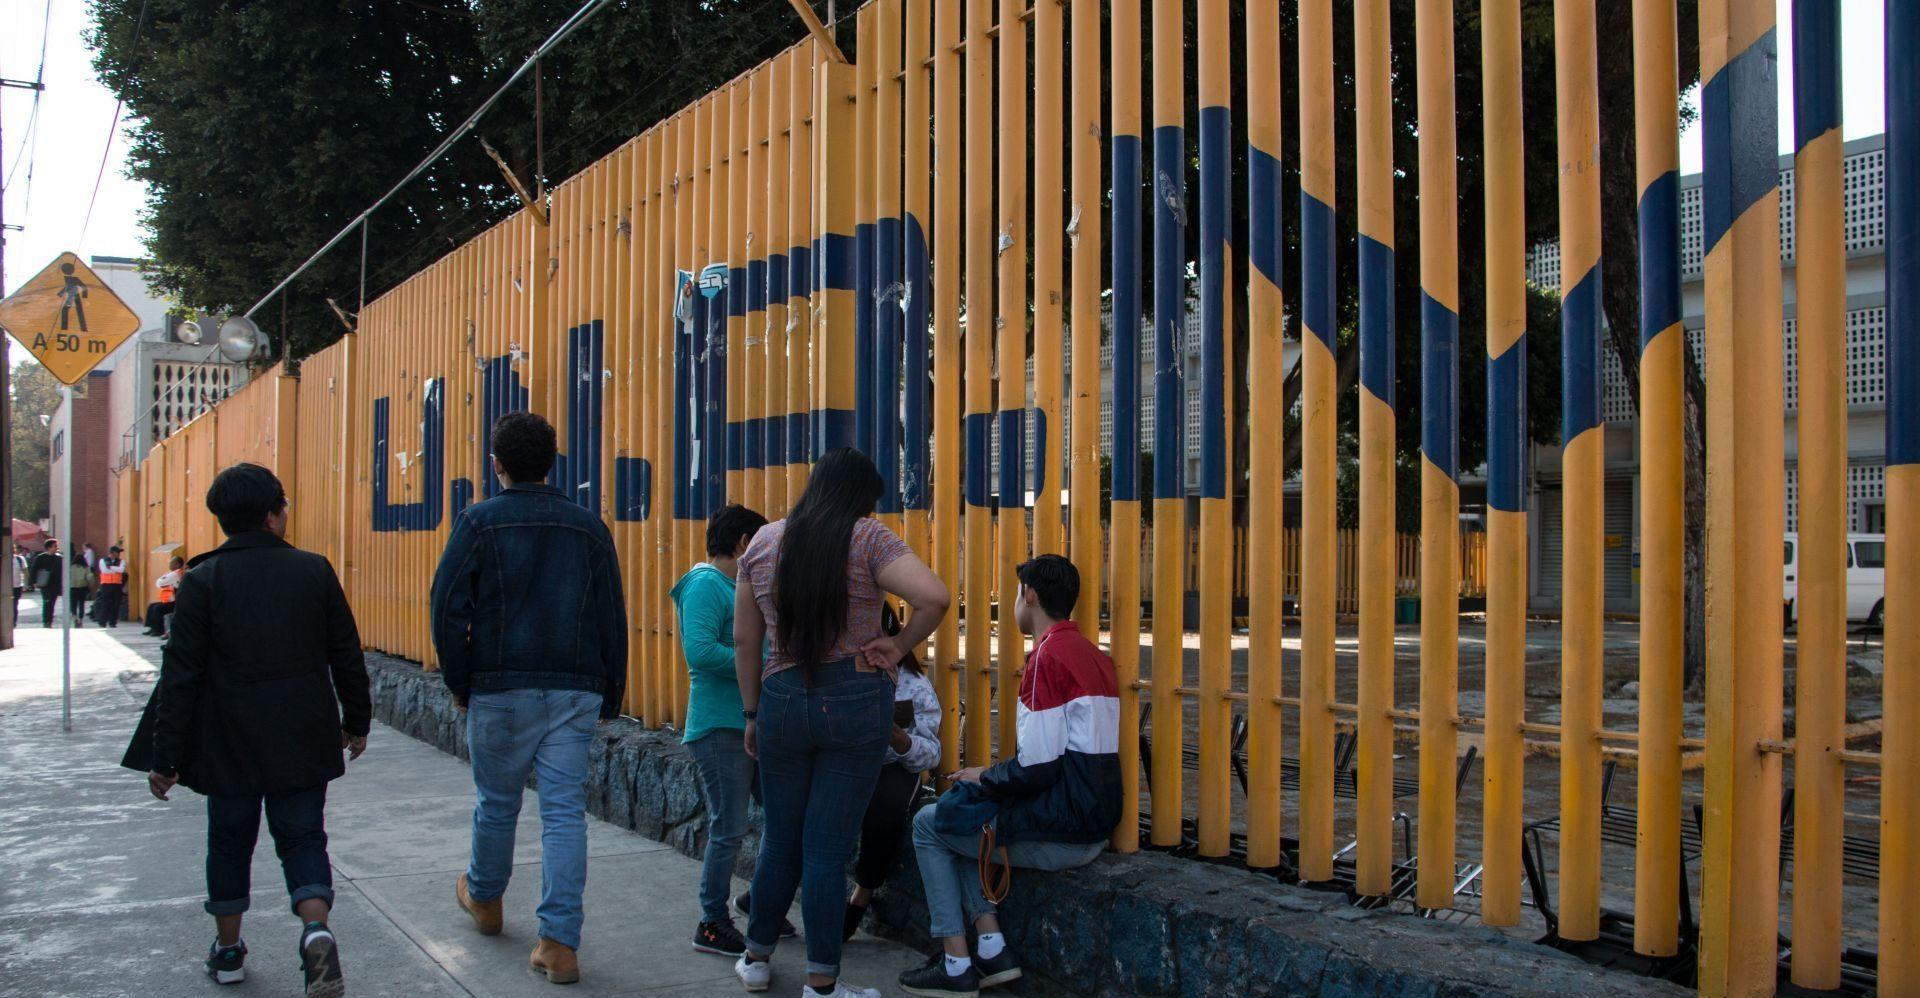 Estudiantes entregan Prepa 7 luego de dos meses de paro (Ciudad de México)